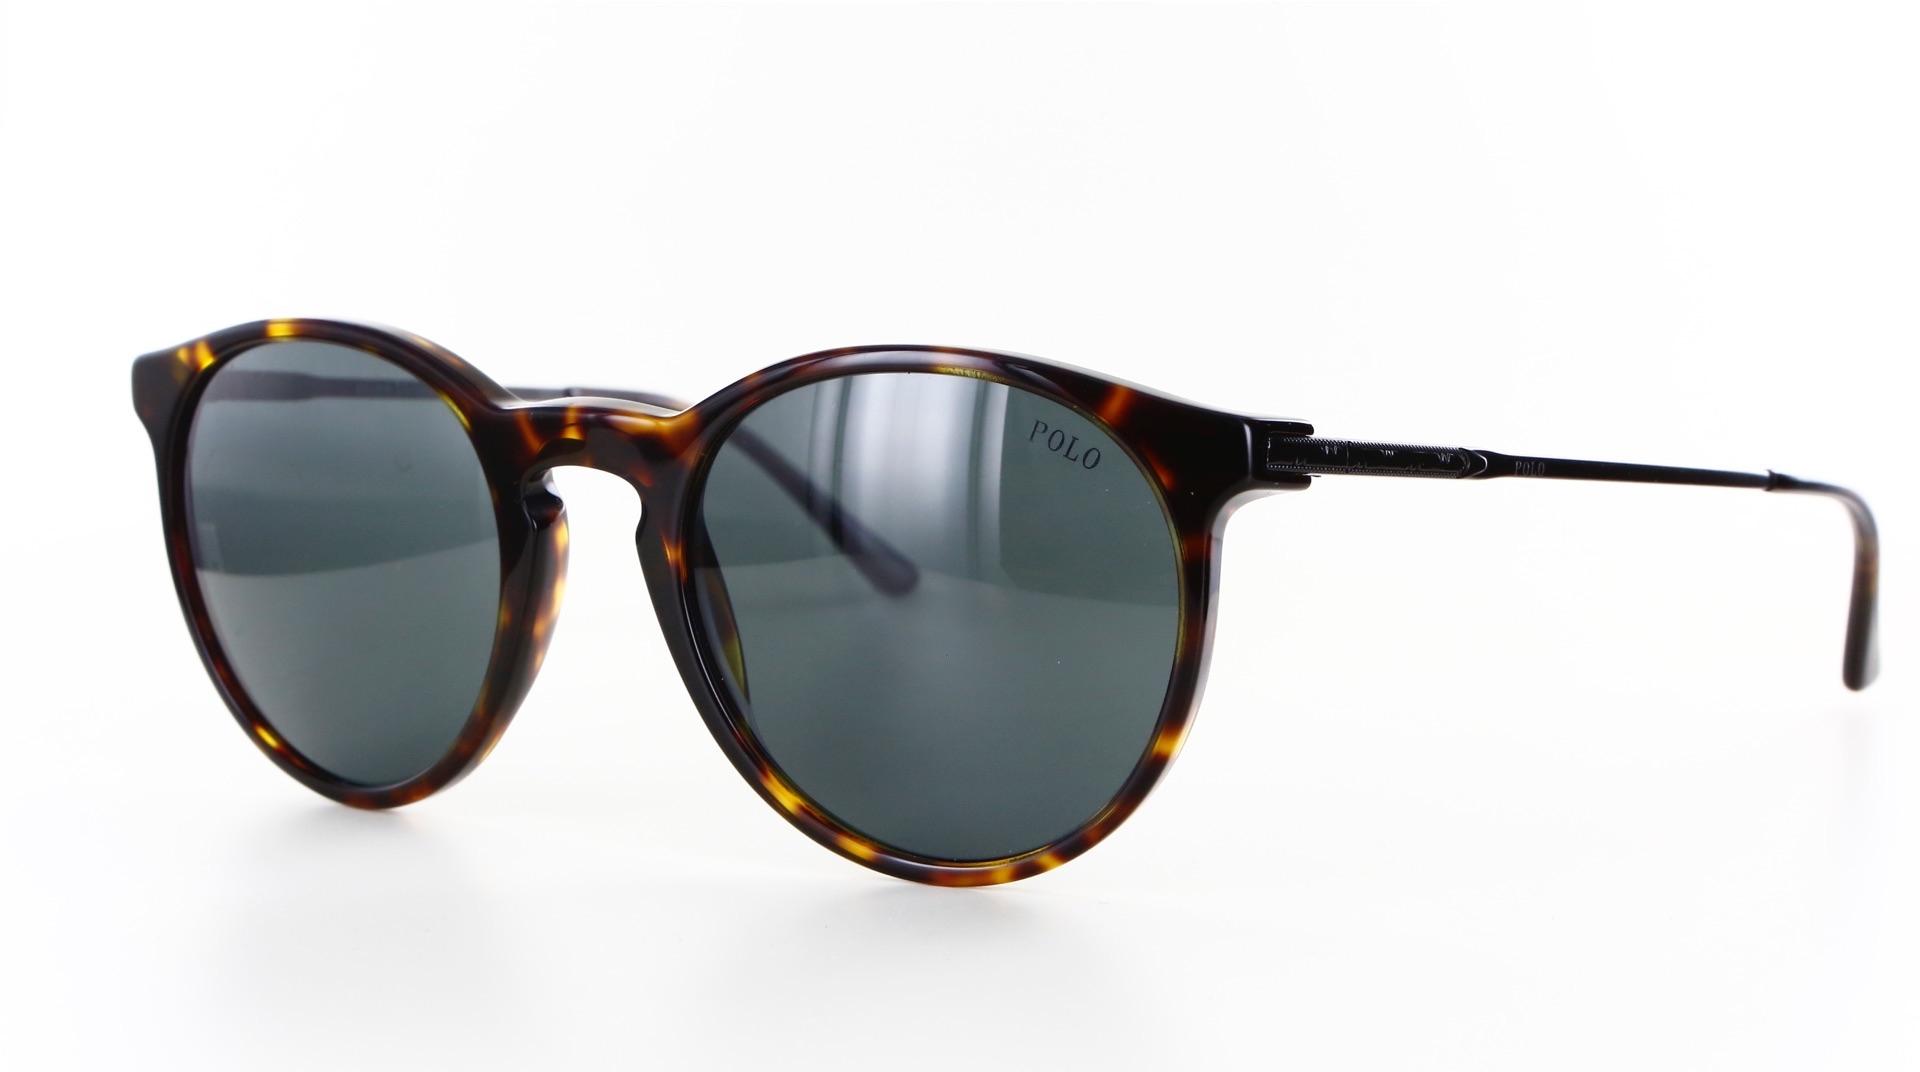 Polo Ralph Lauren - ref: 74501